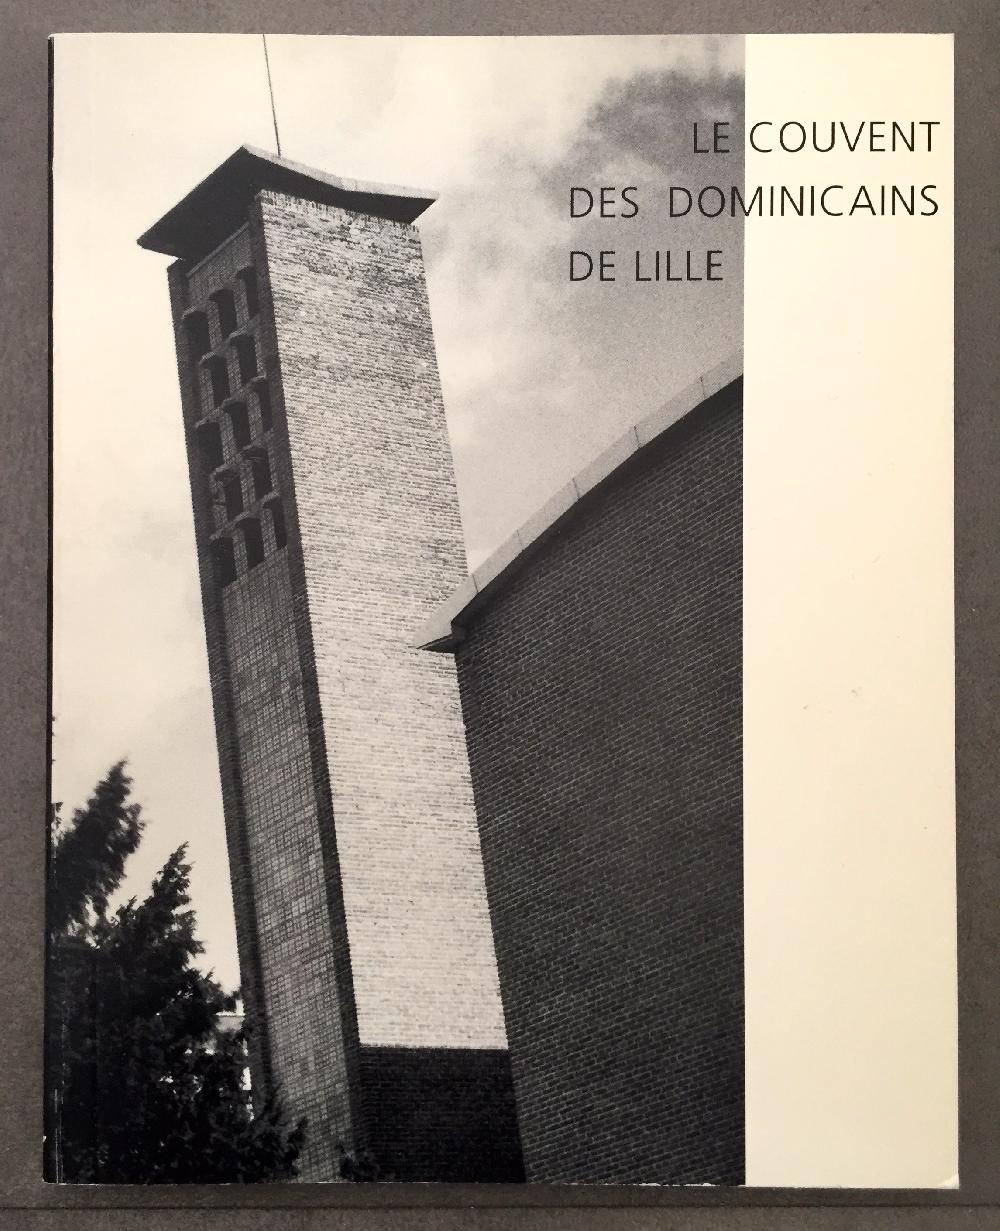 Le couvent des dominicains de Lille